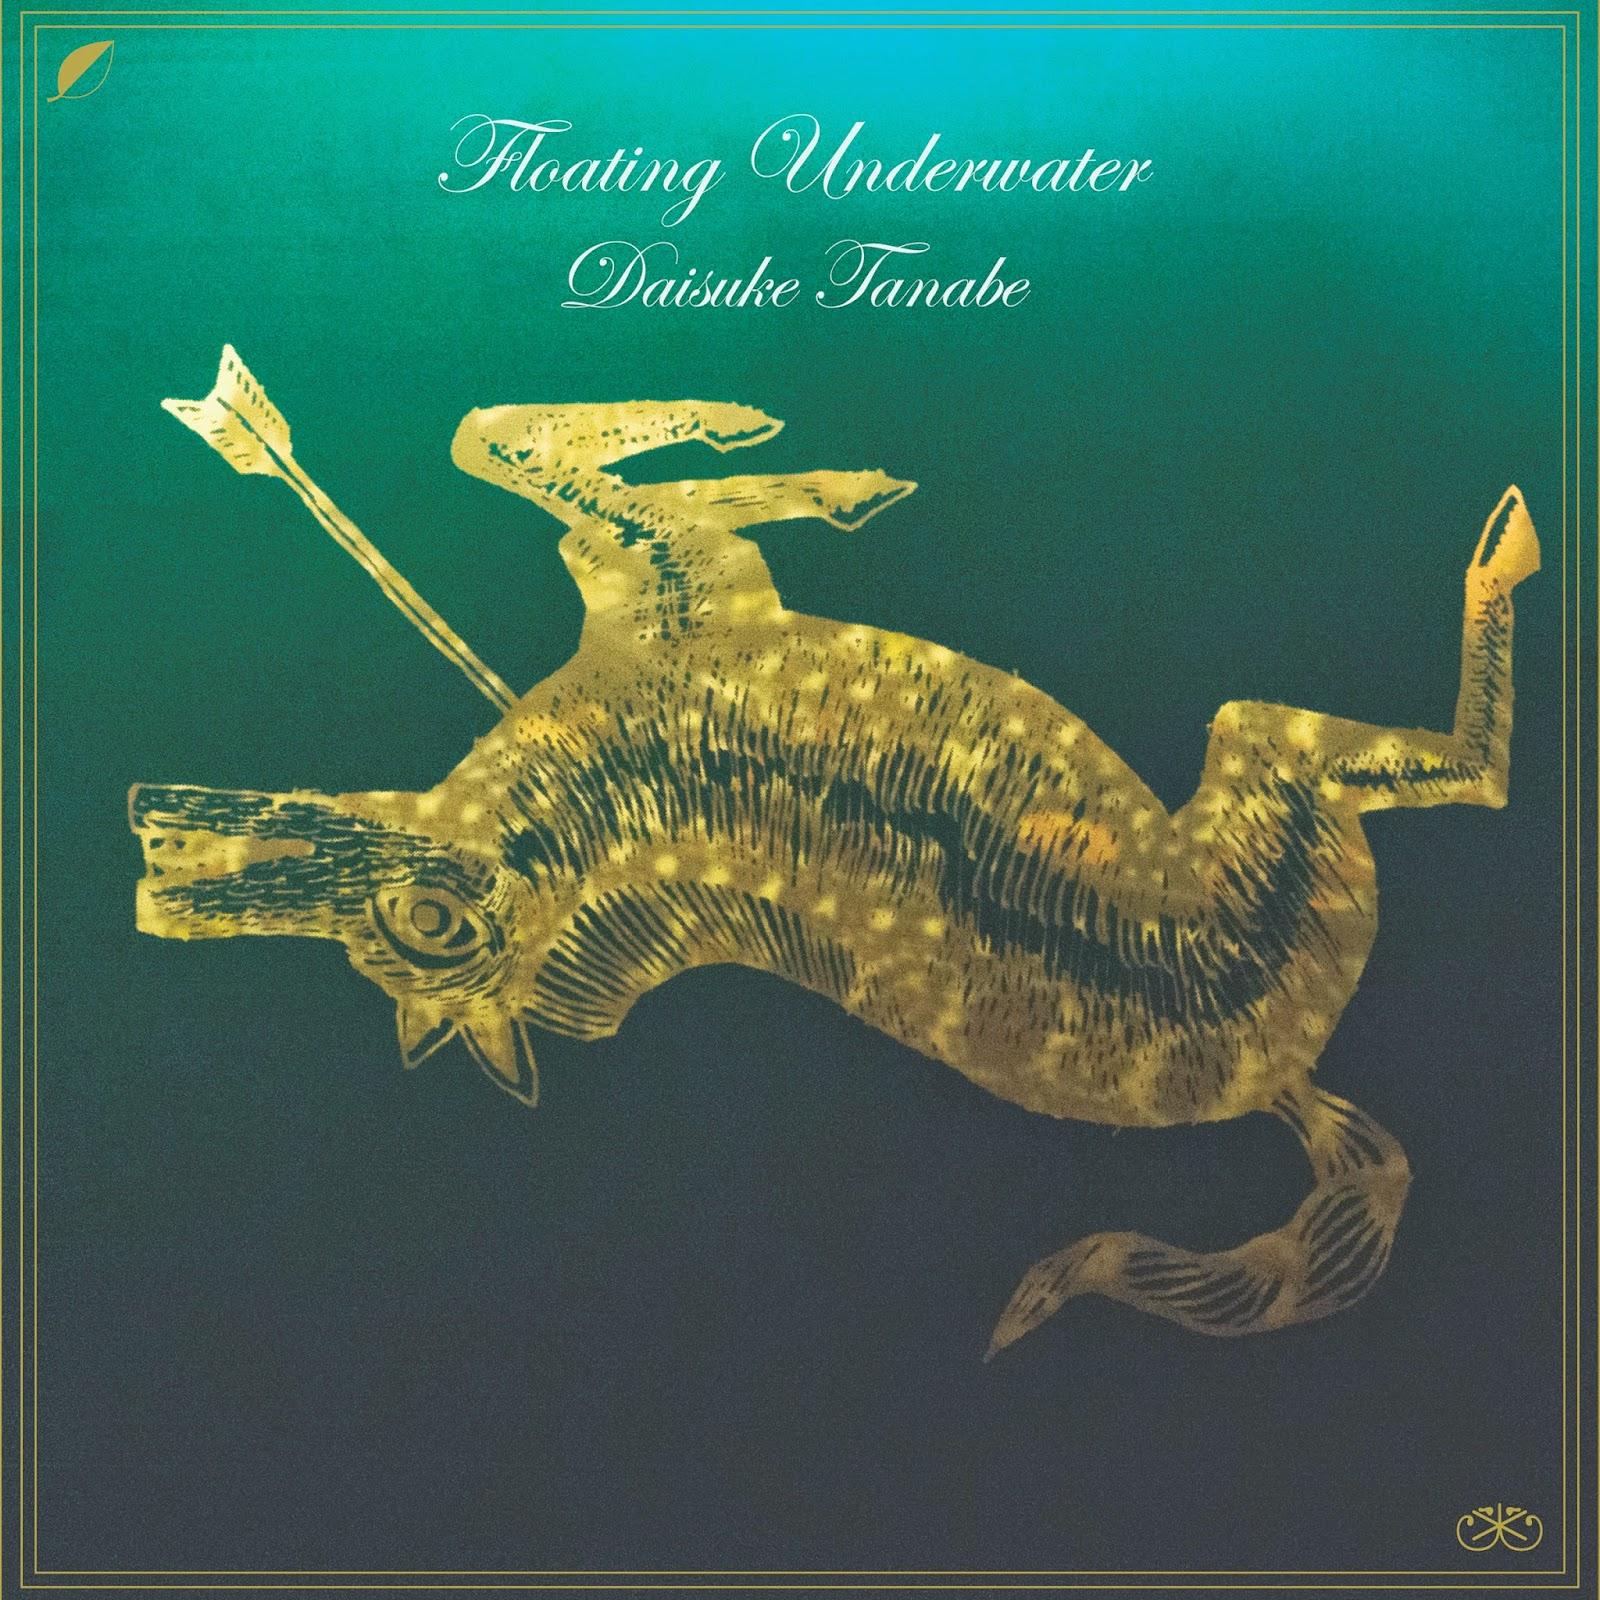 discosafari - DAISUKE TANABE - Floating Underwater - Ki Records